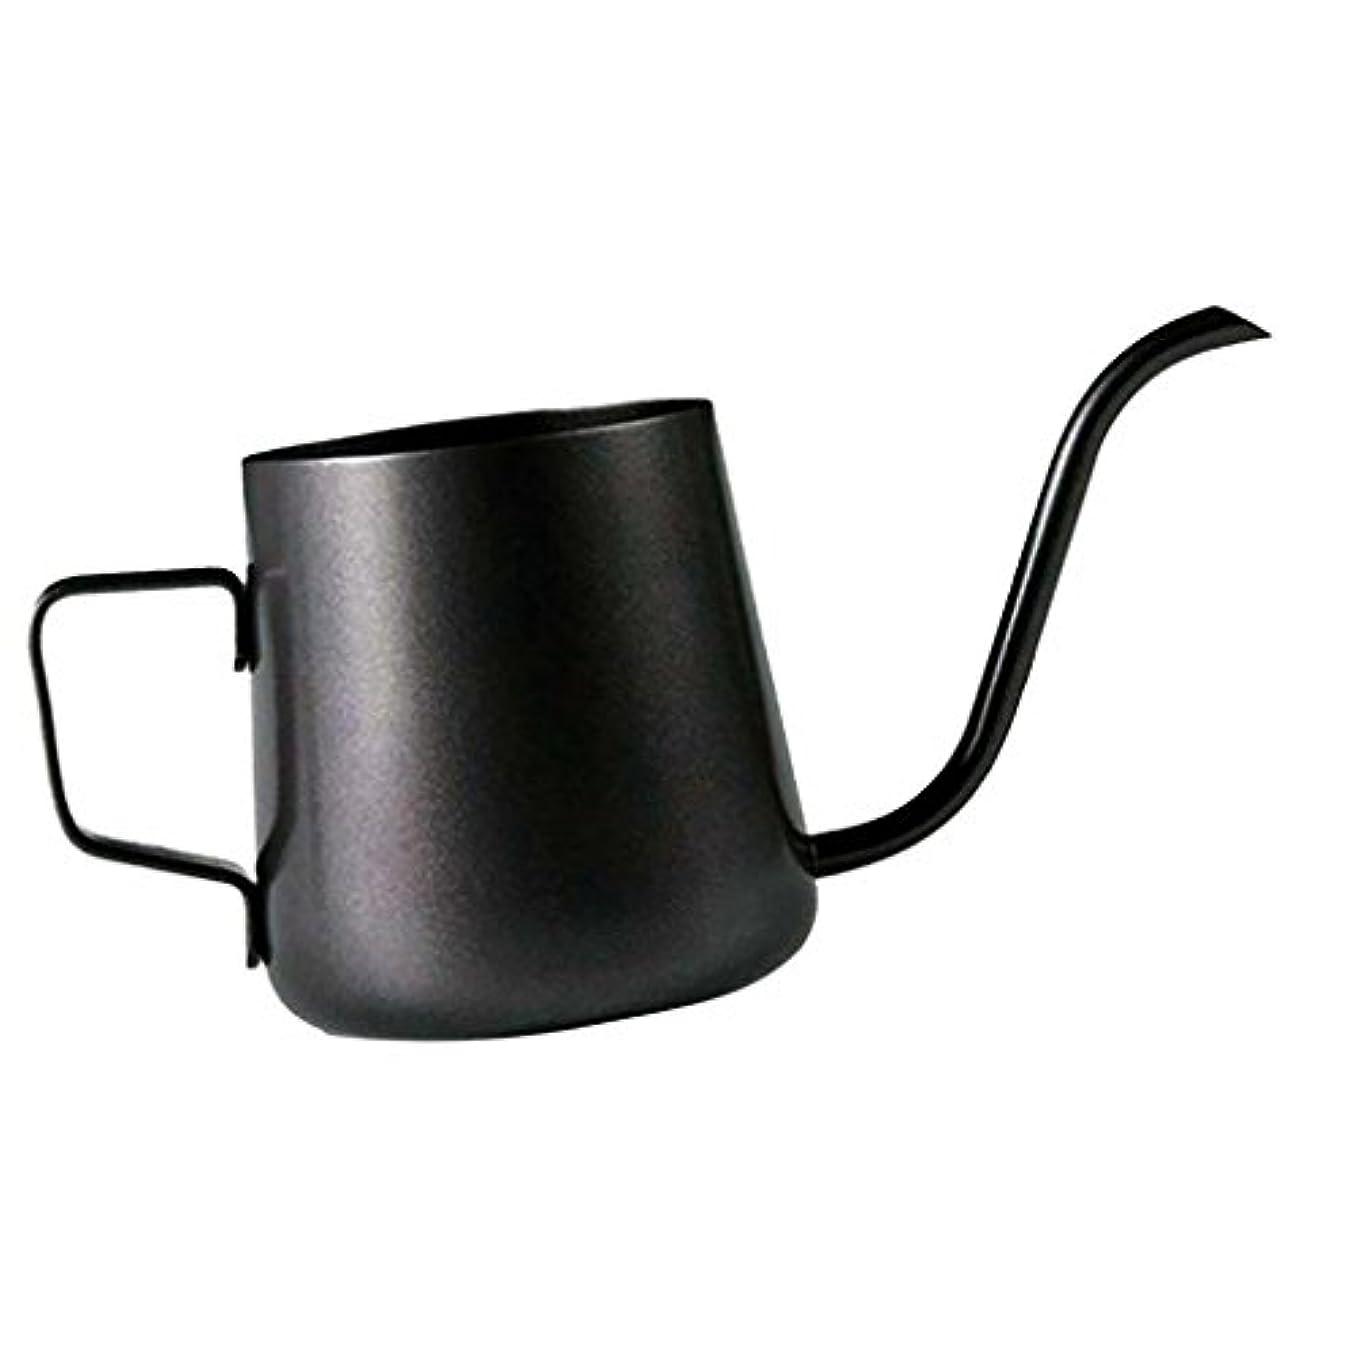 ランチきょうだい難破船Homeland コーヒーポット お茶などにも対応 クッキング用品 ステンレス製 エスプレッソポット ケトル - ブラック, 250ミリリットル